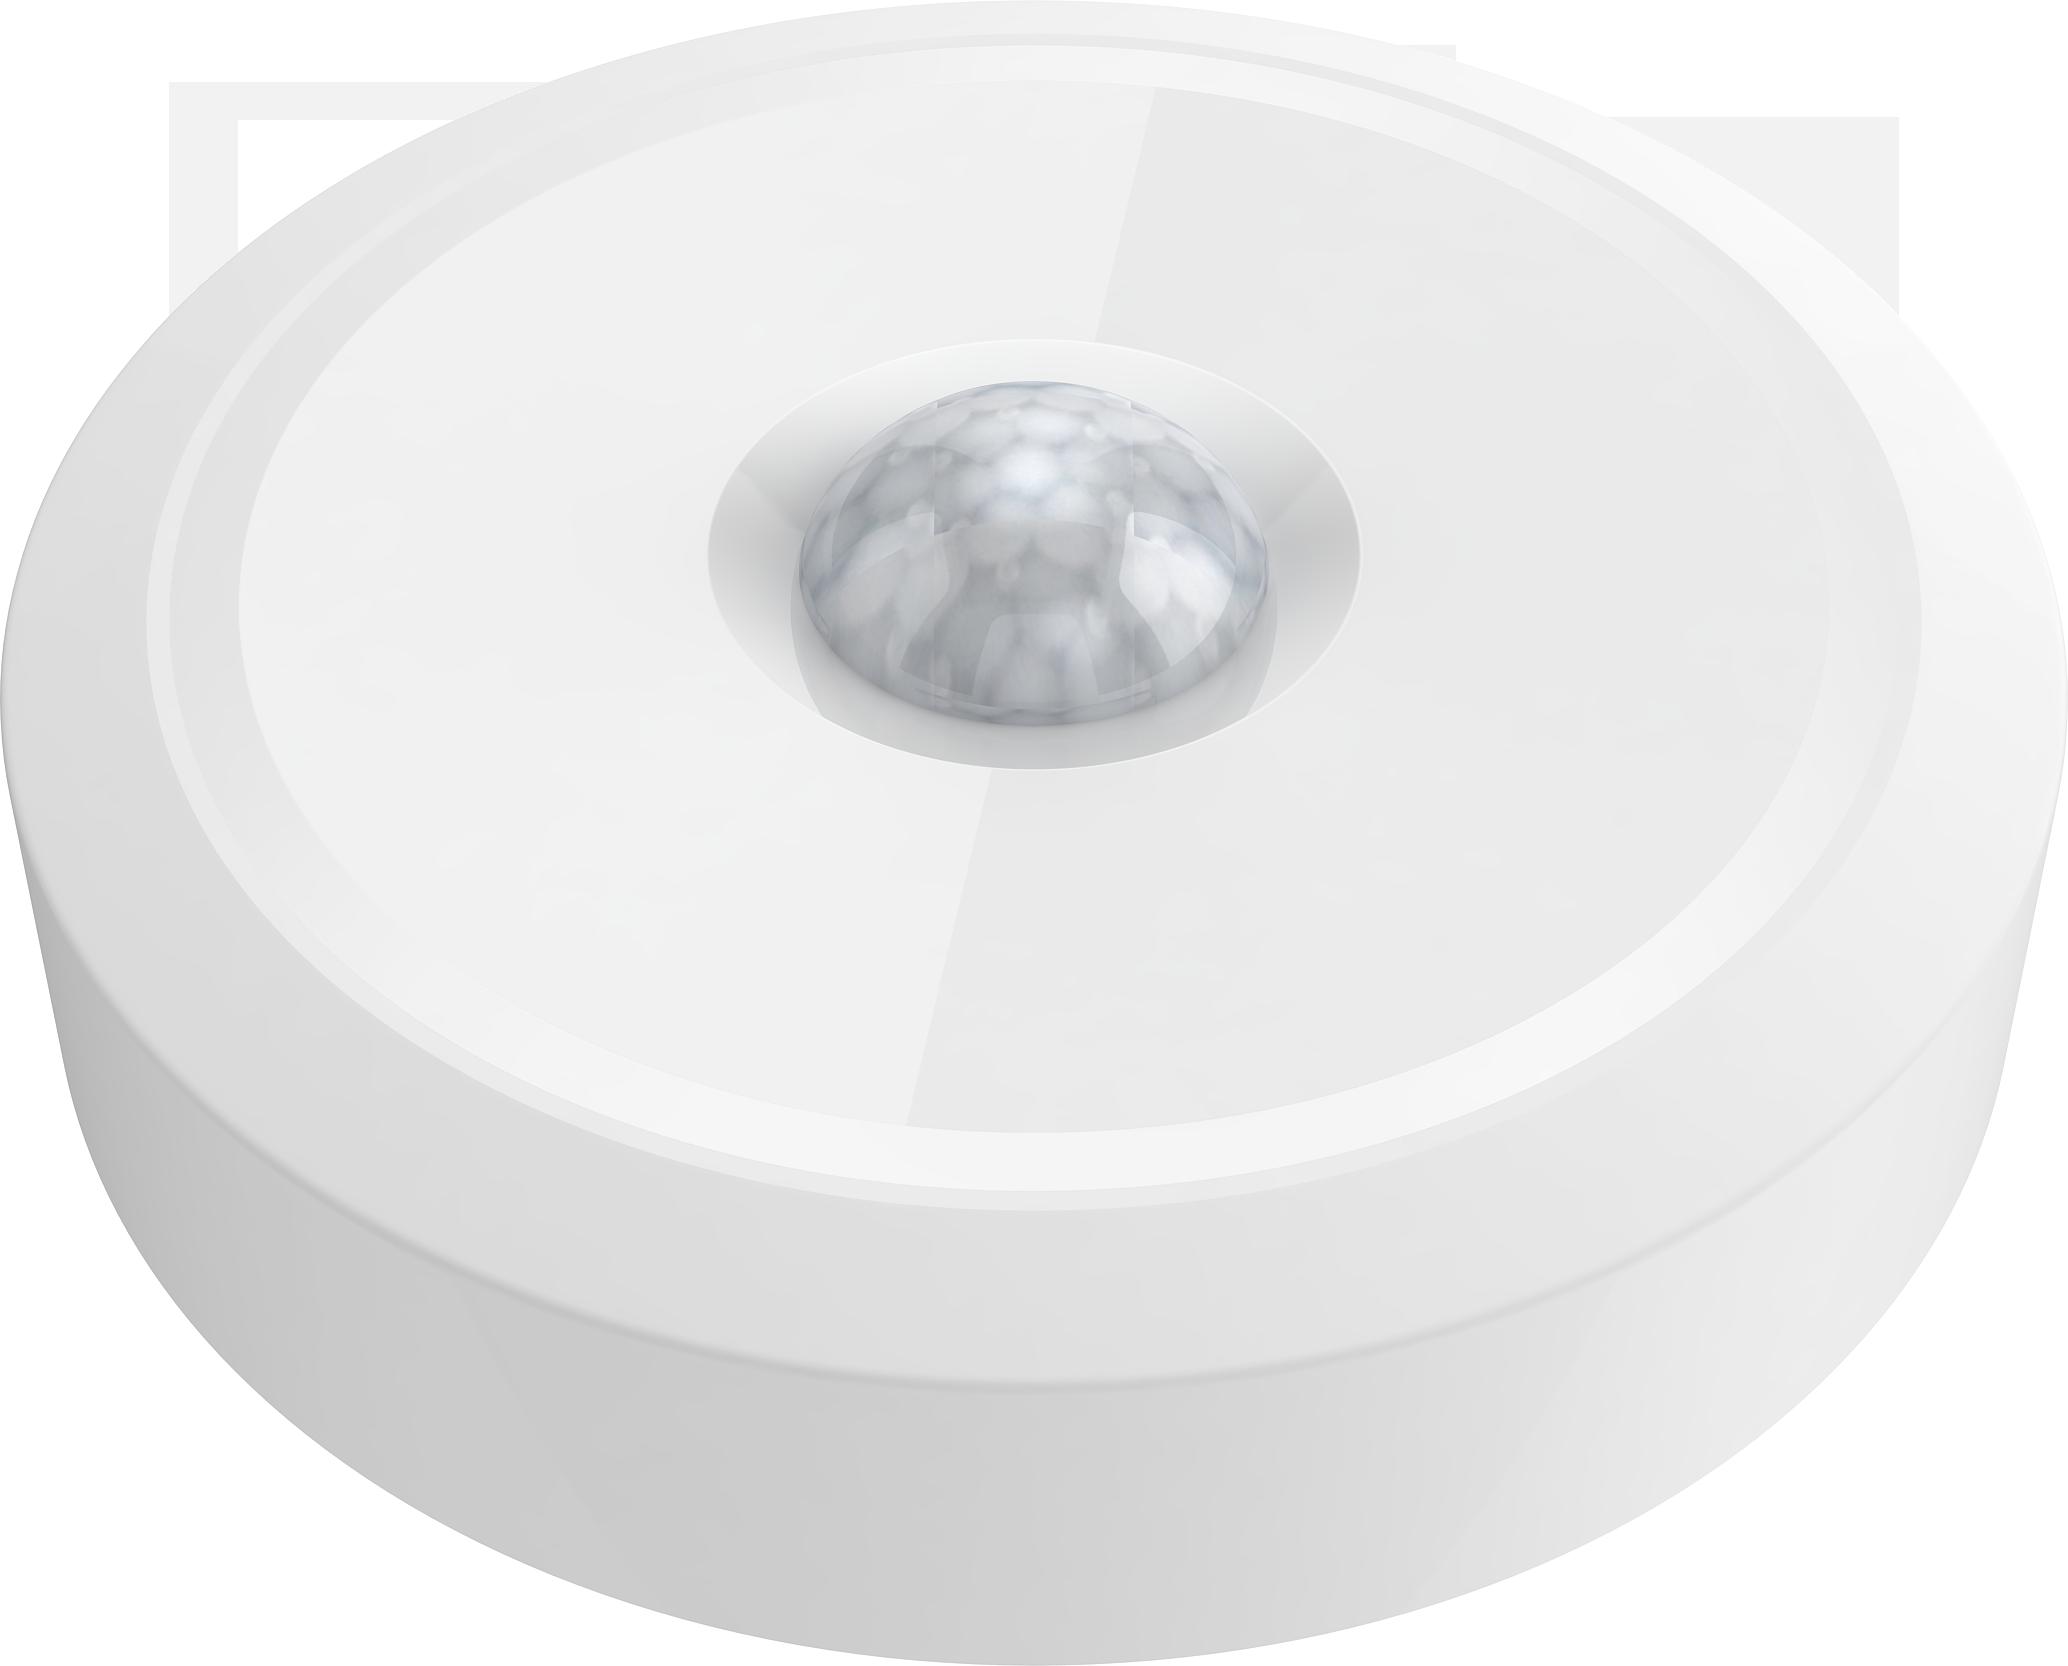 Bật tắt đèn gắn trần thông minh SH-D2